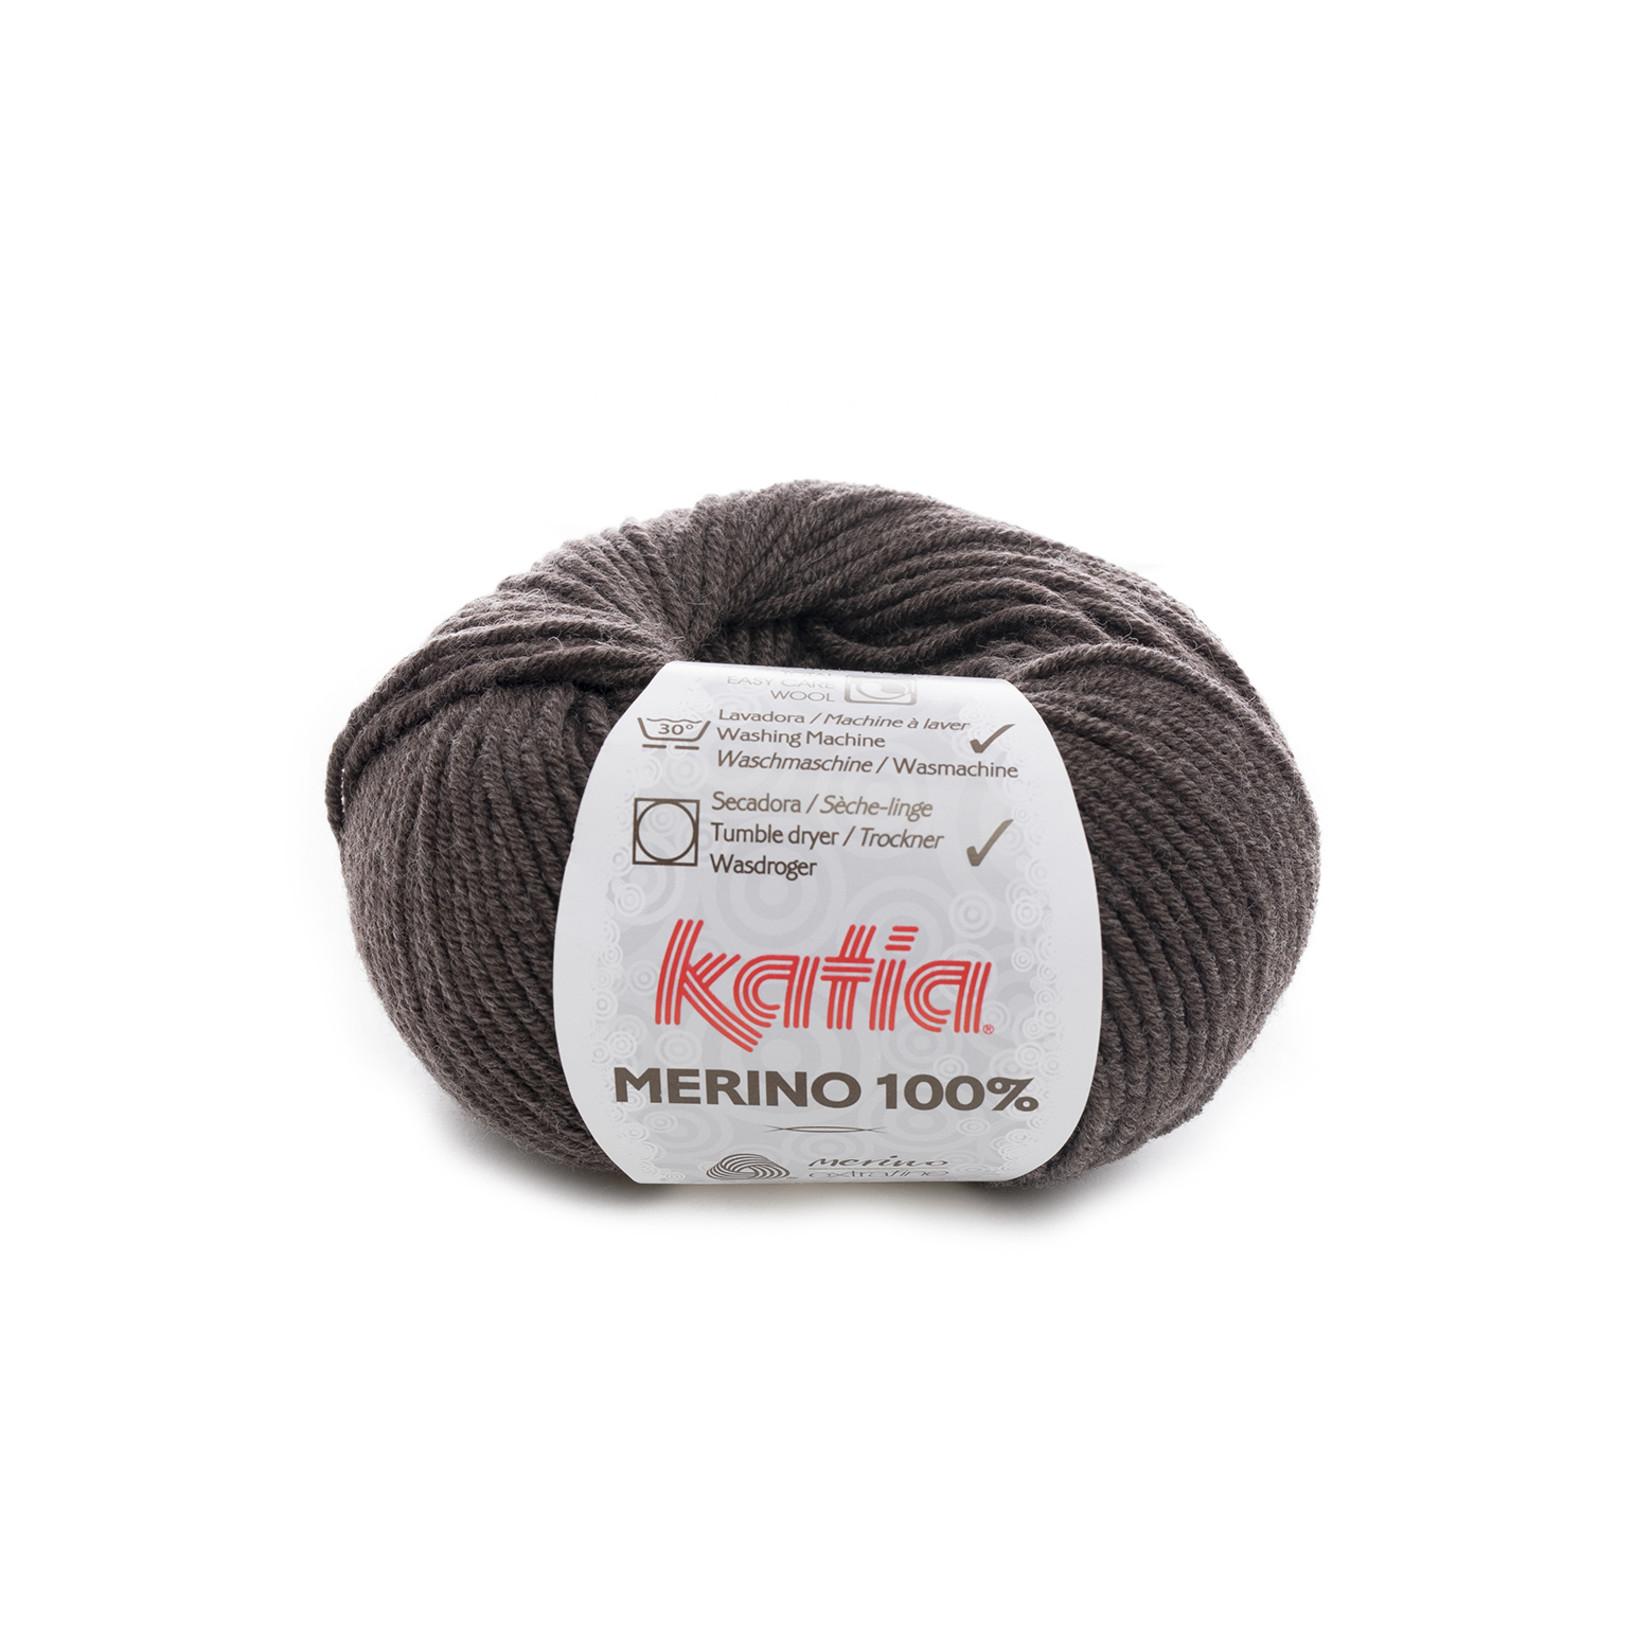 Katia Katia Merino 100% - 502 - Medium bruin_ - 50 gr. = 102 m.